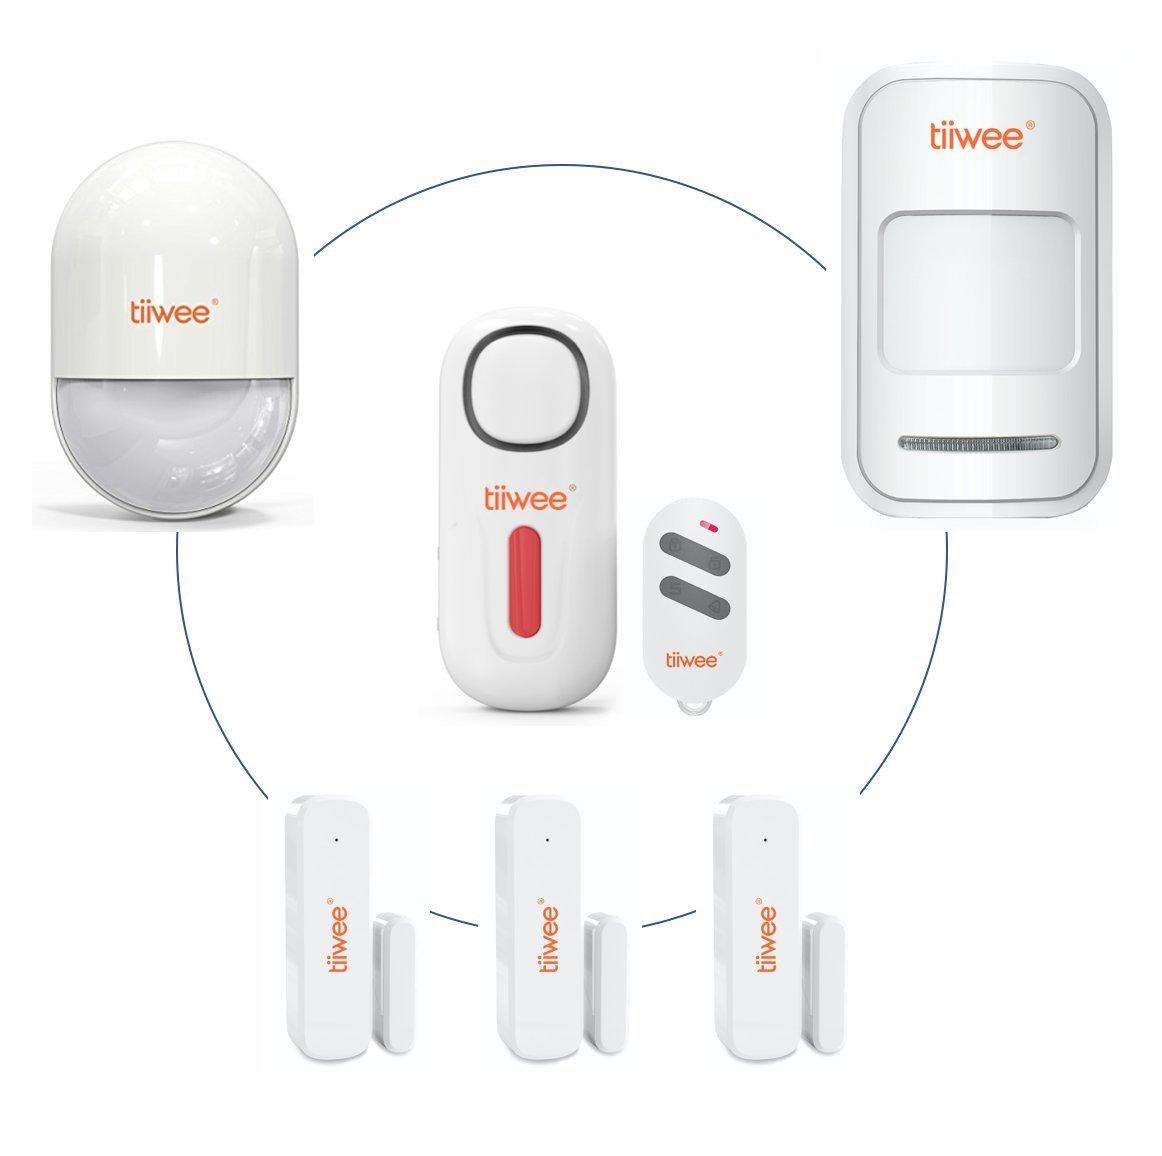 tiiwee Control Remoto TWRC02 Tiiwee para el Sistema de Alarma de Hogar - Sistema de Alarma hogareño Anti-ladrón inalámbrico - Seguridad en el hogar